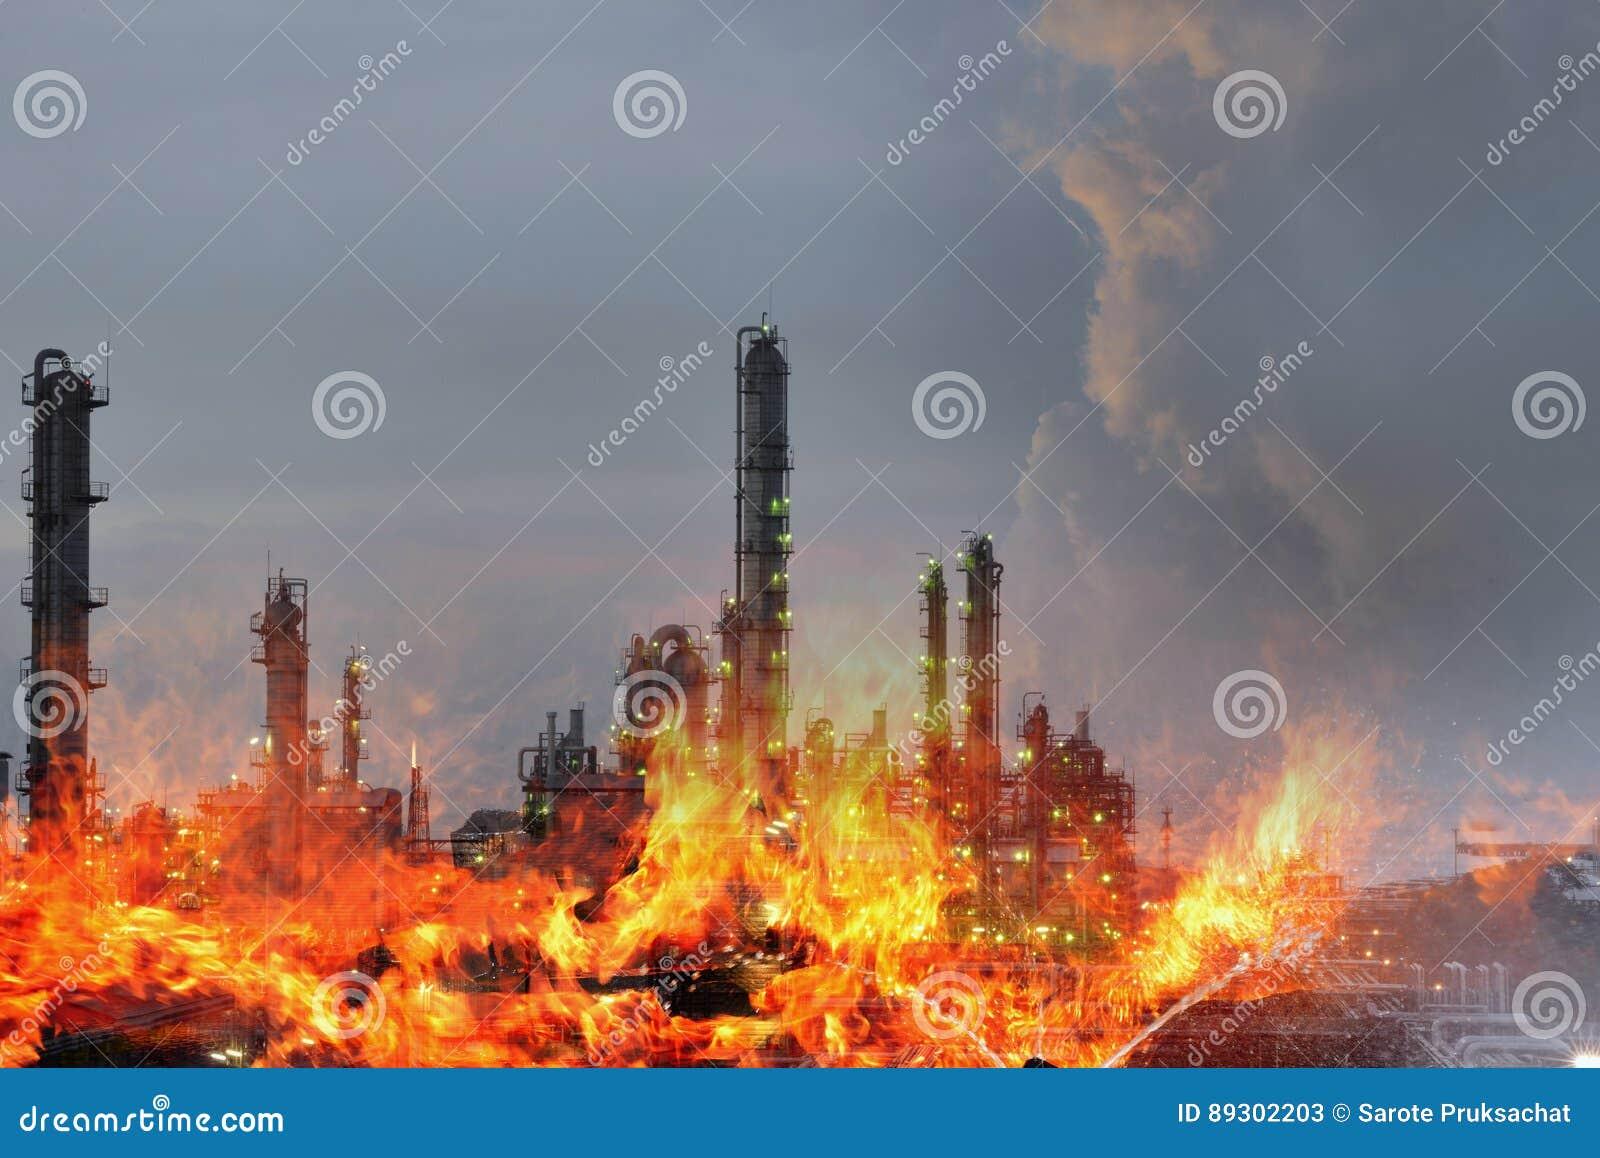 Dubbele blootstelling van Brand en raffinaderijinstallatie, conceptencrisis een groot de brand van de olieraffinaderij en van de